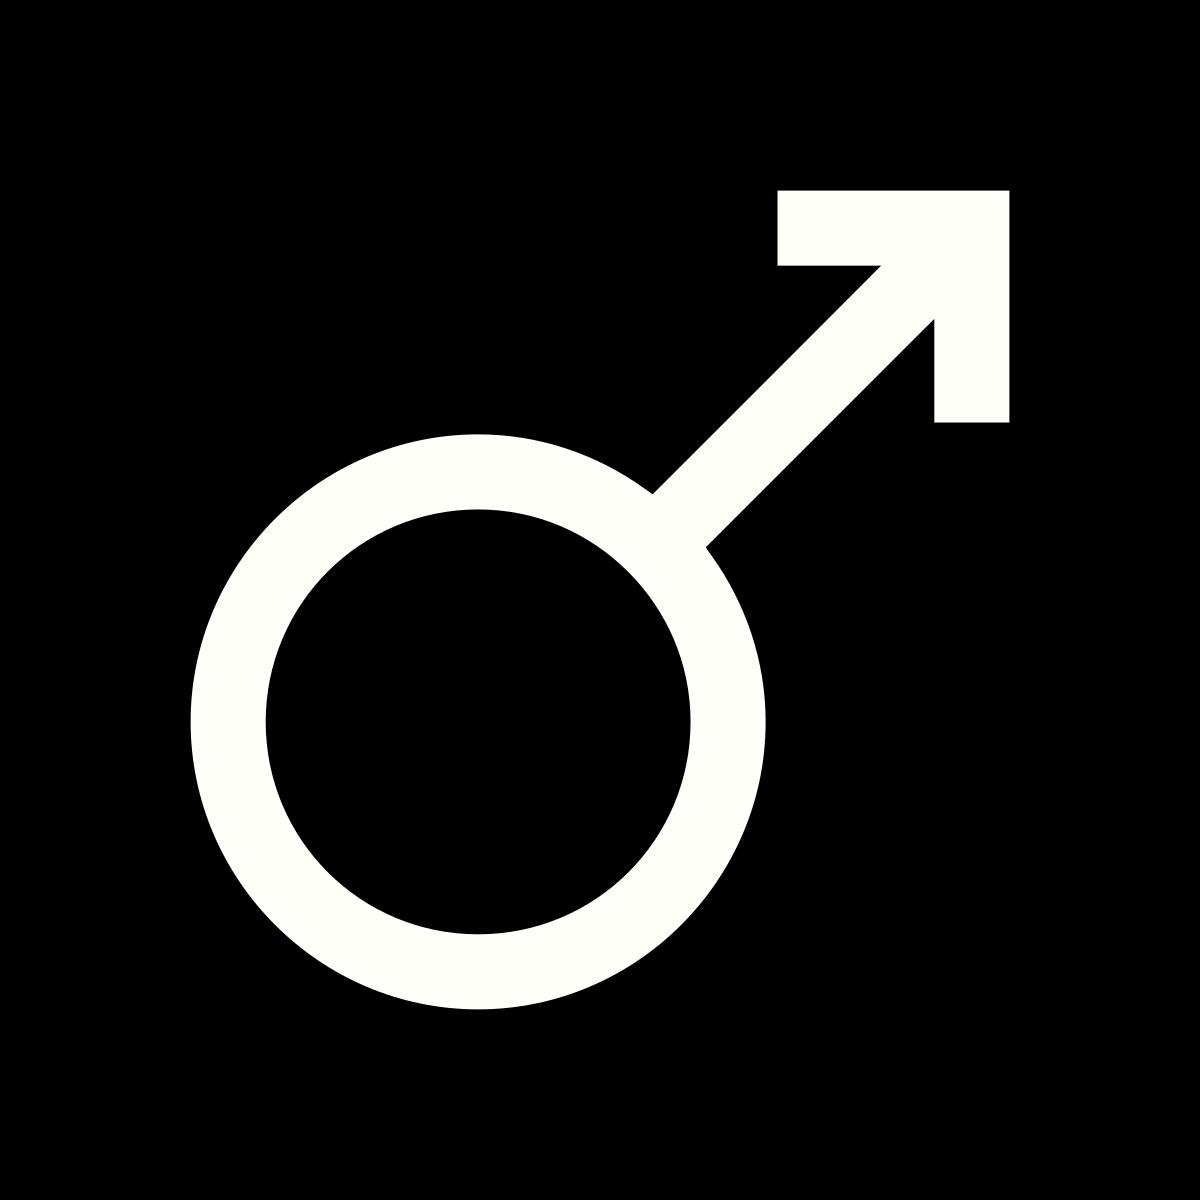 körülbelül hímnemű hímnemű nők)